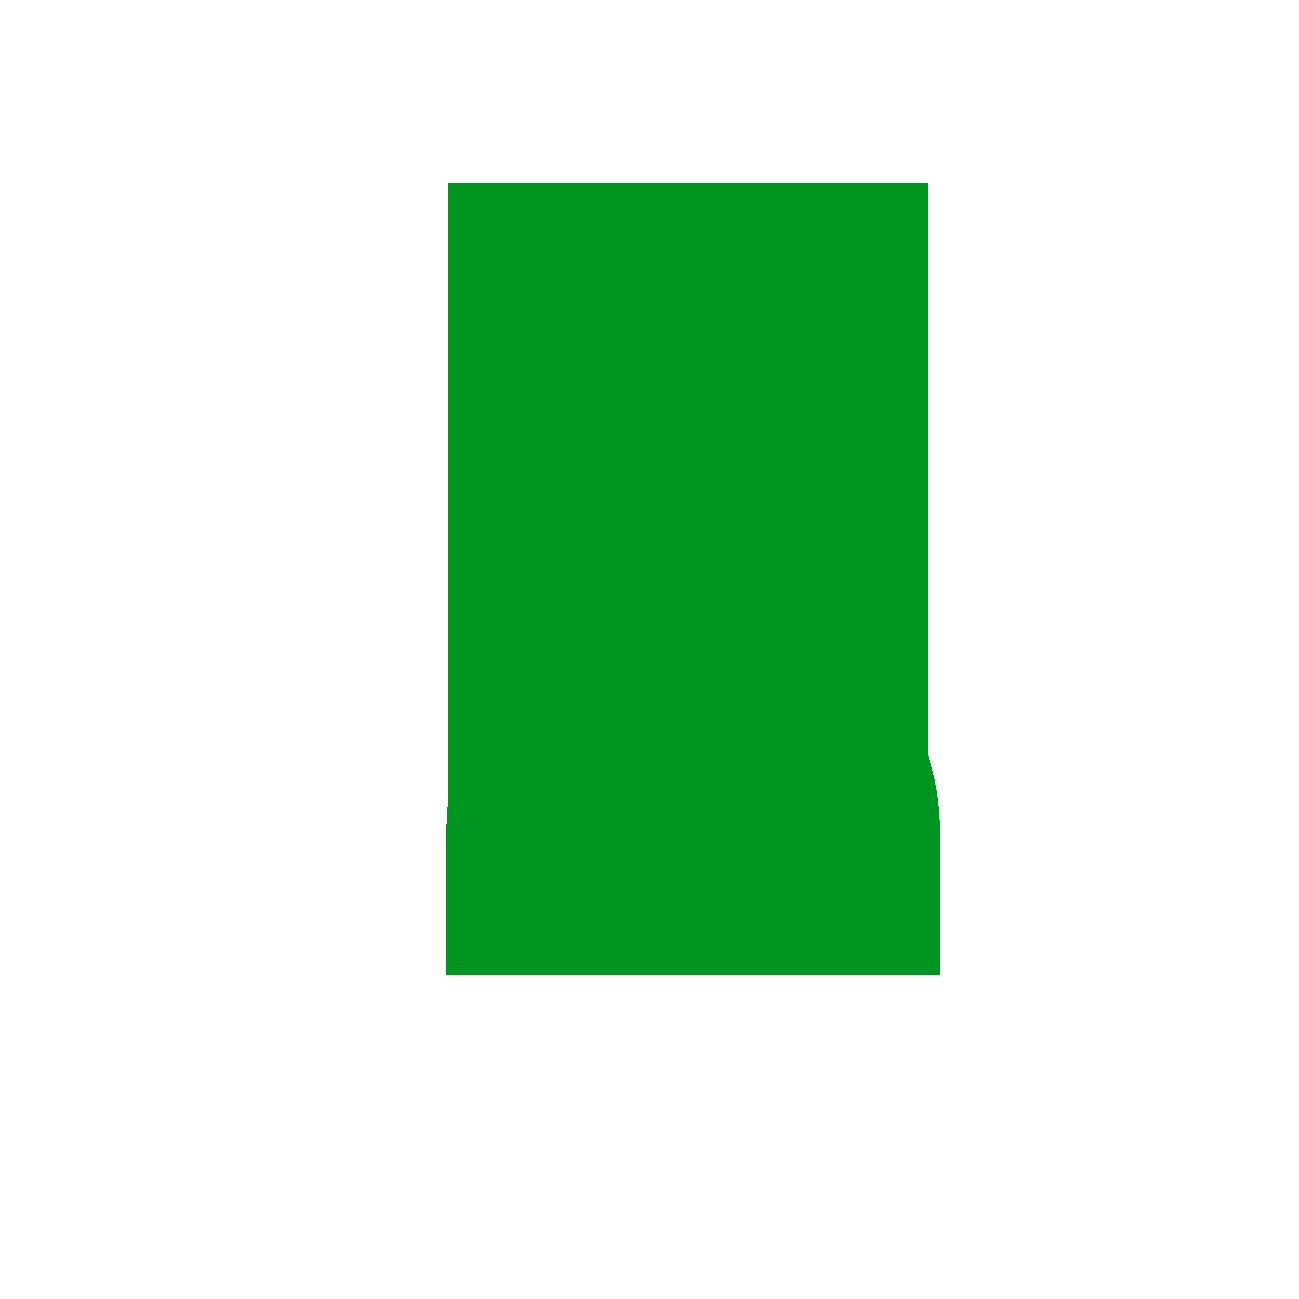 株投資サイト口コミや評判2